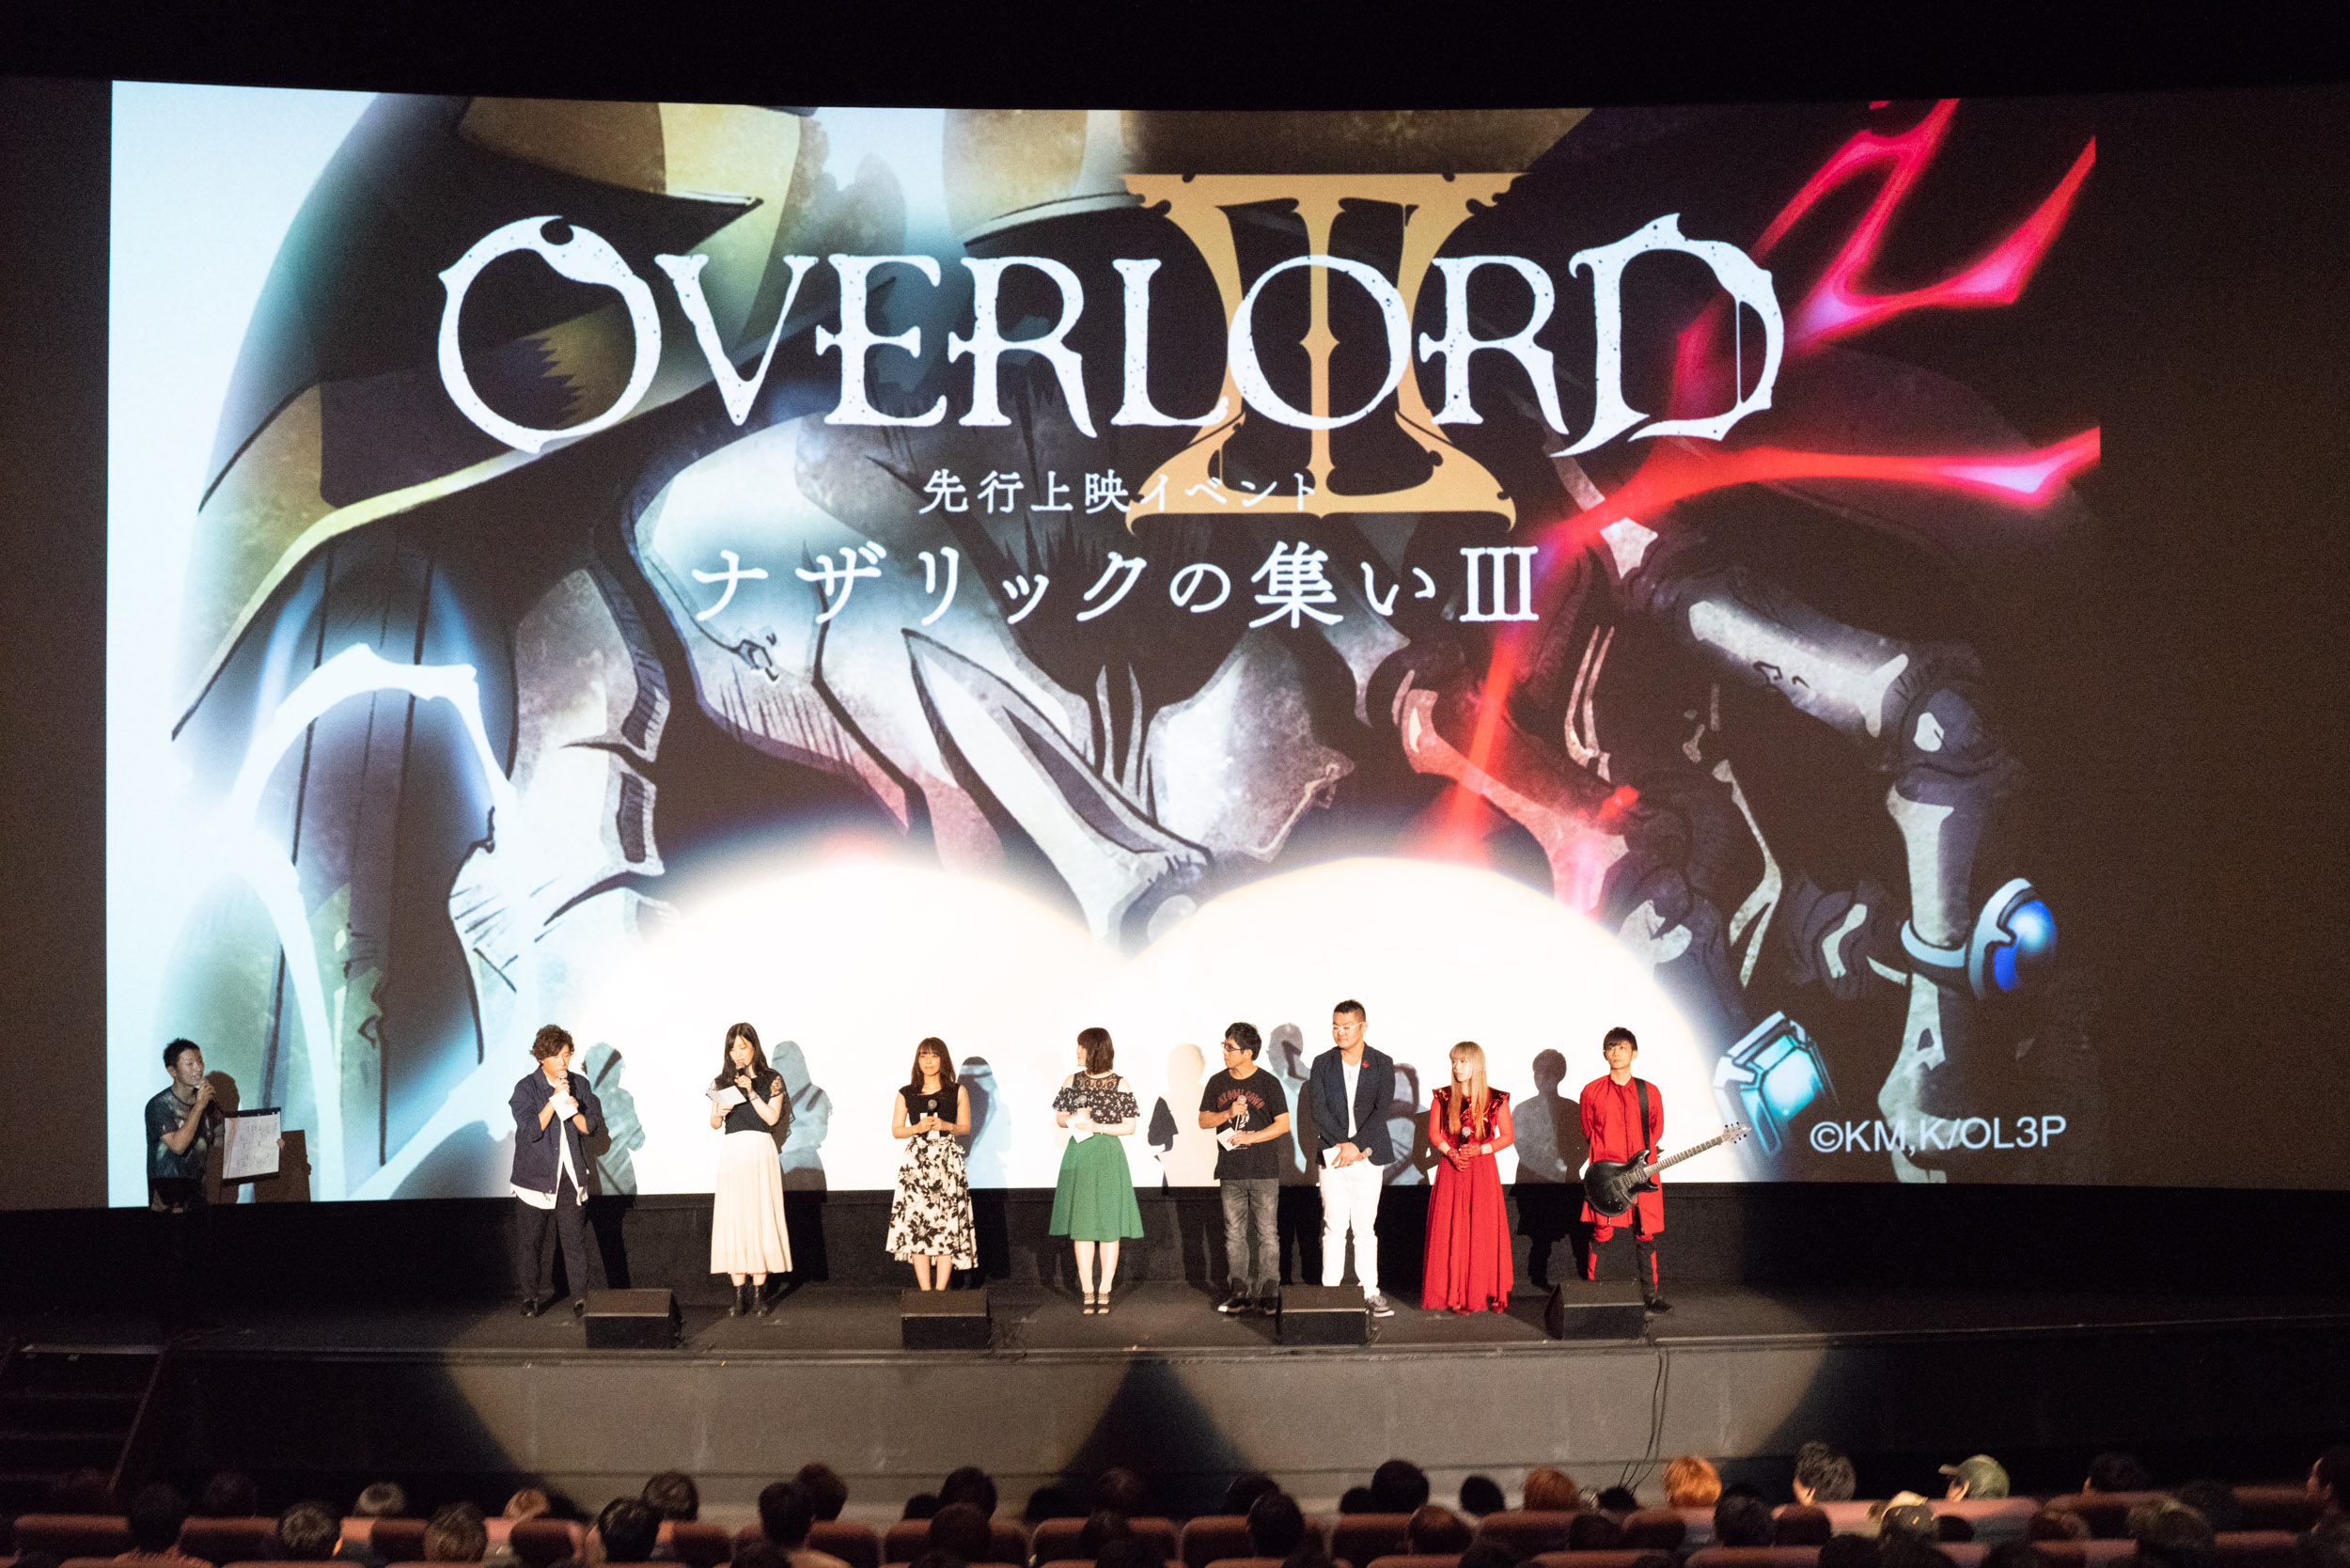 『オーバーロードⅢ』TVアニメ第3期先行上映イベントレポート